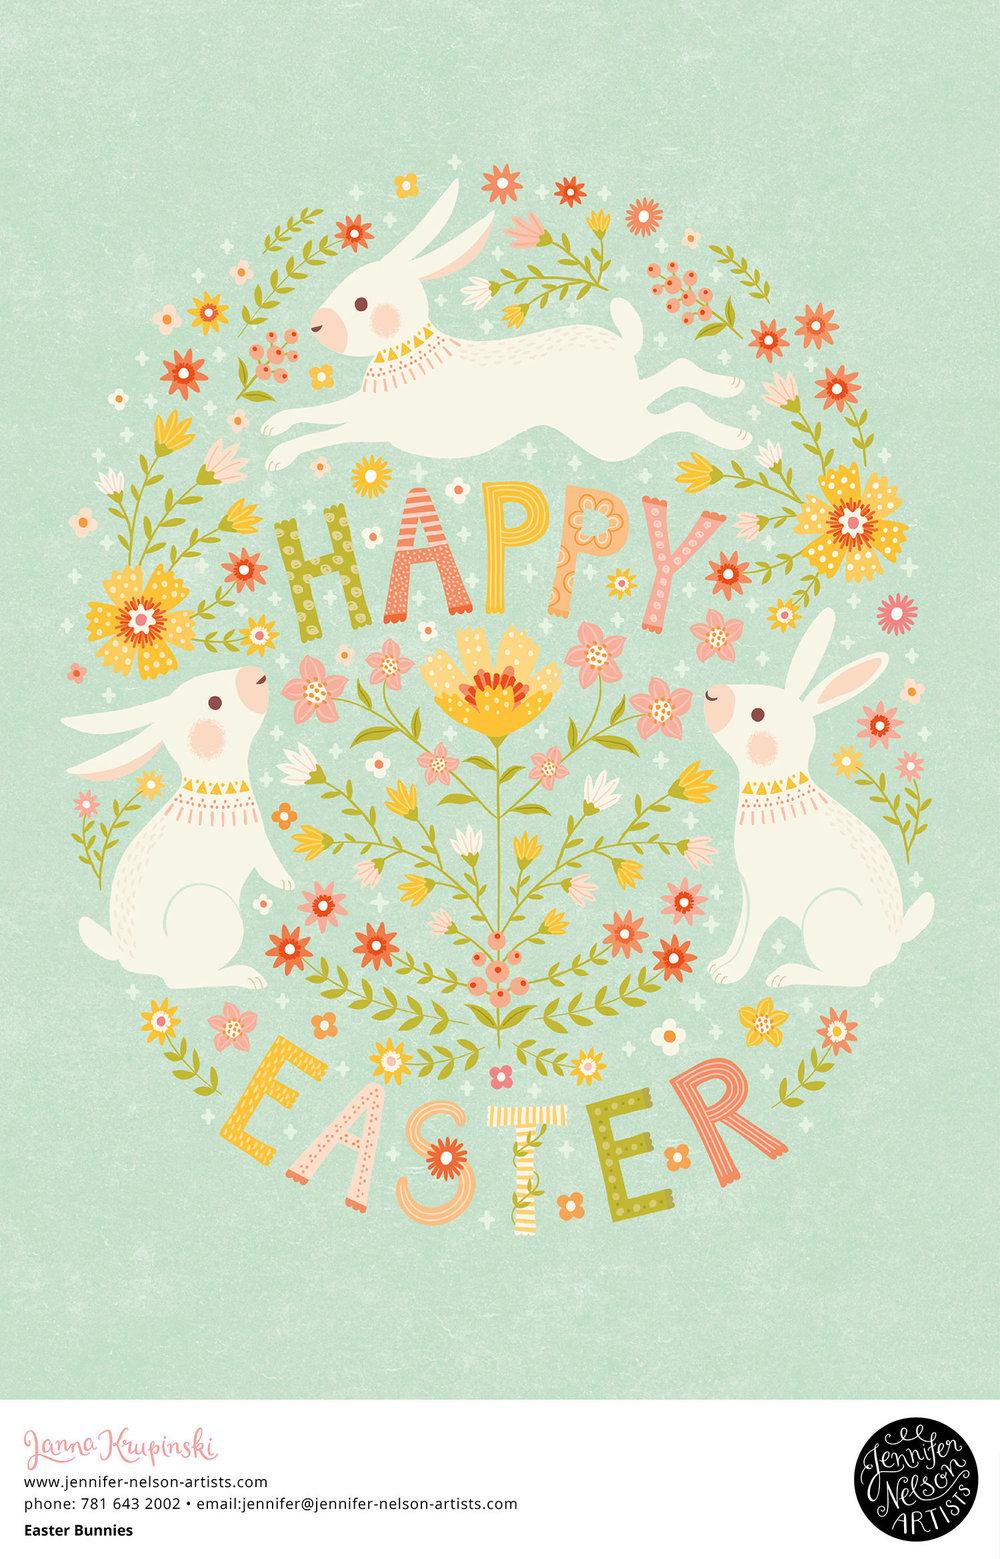 janna_krupinski_easter_bunnies